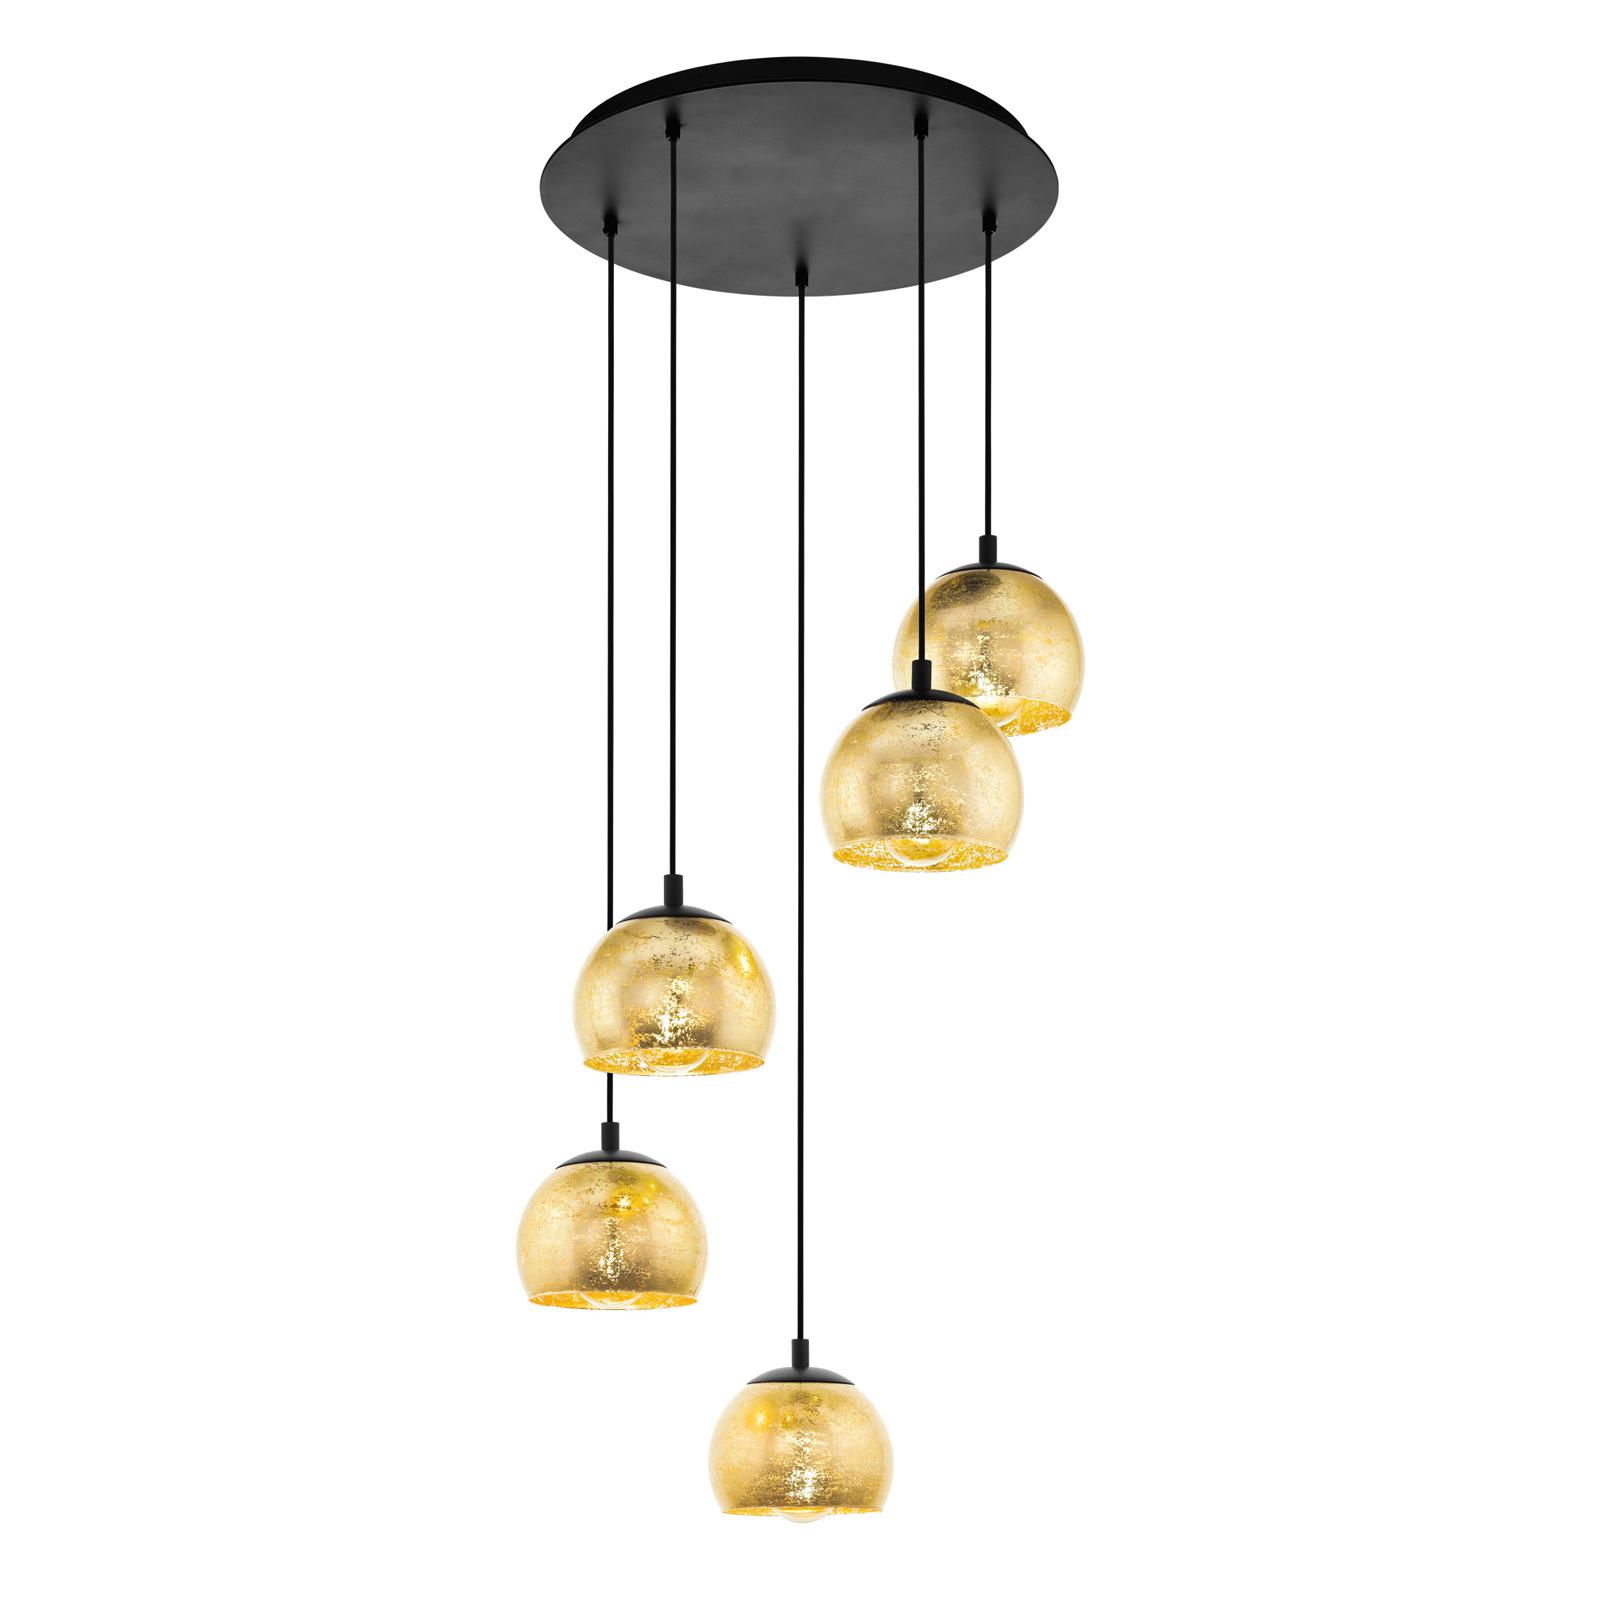 Lampa wisząca Albaraccin z pięcioma kloszami złota